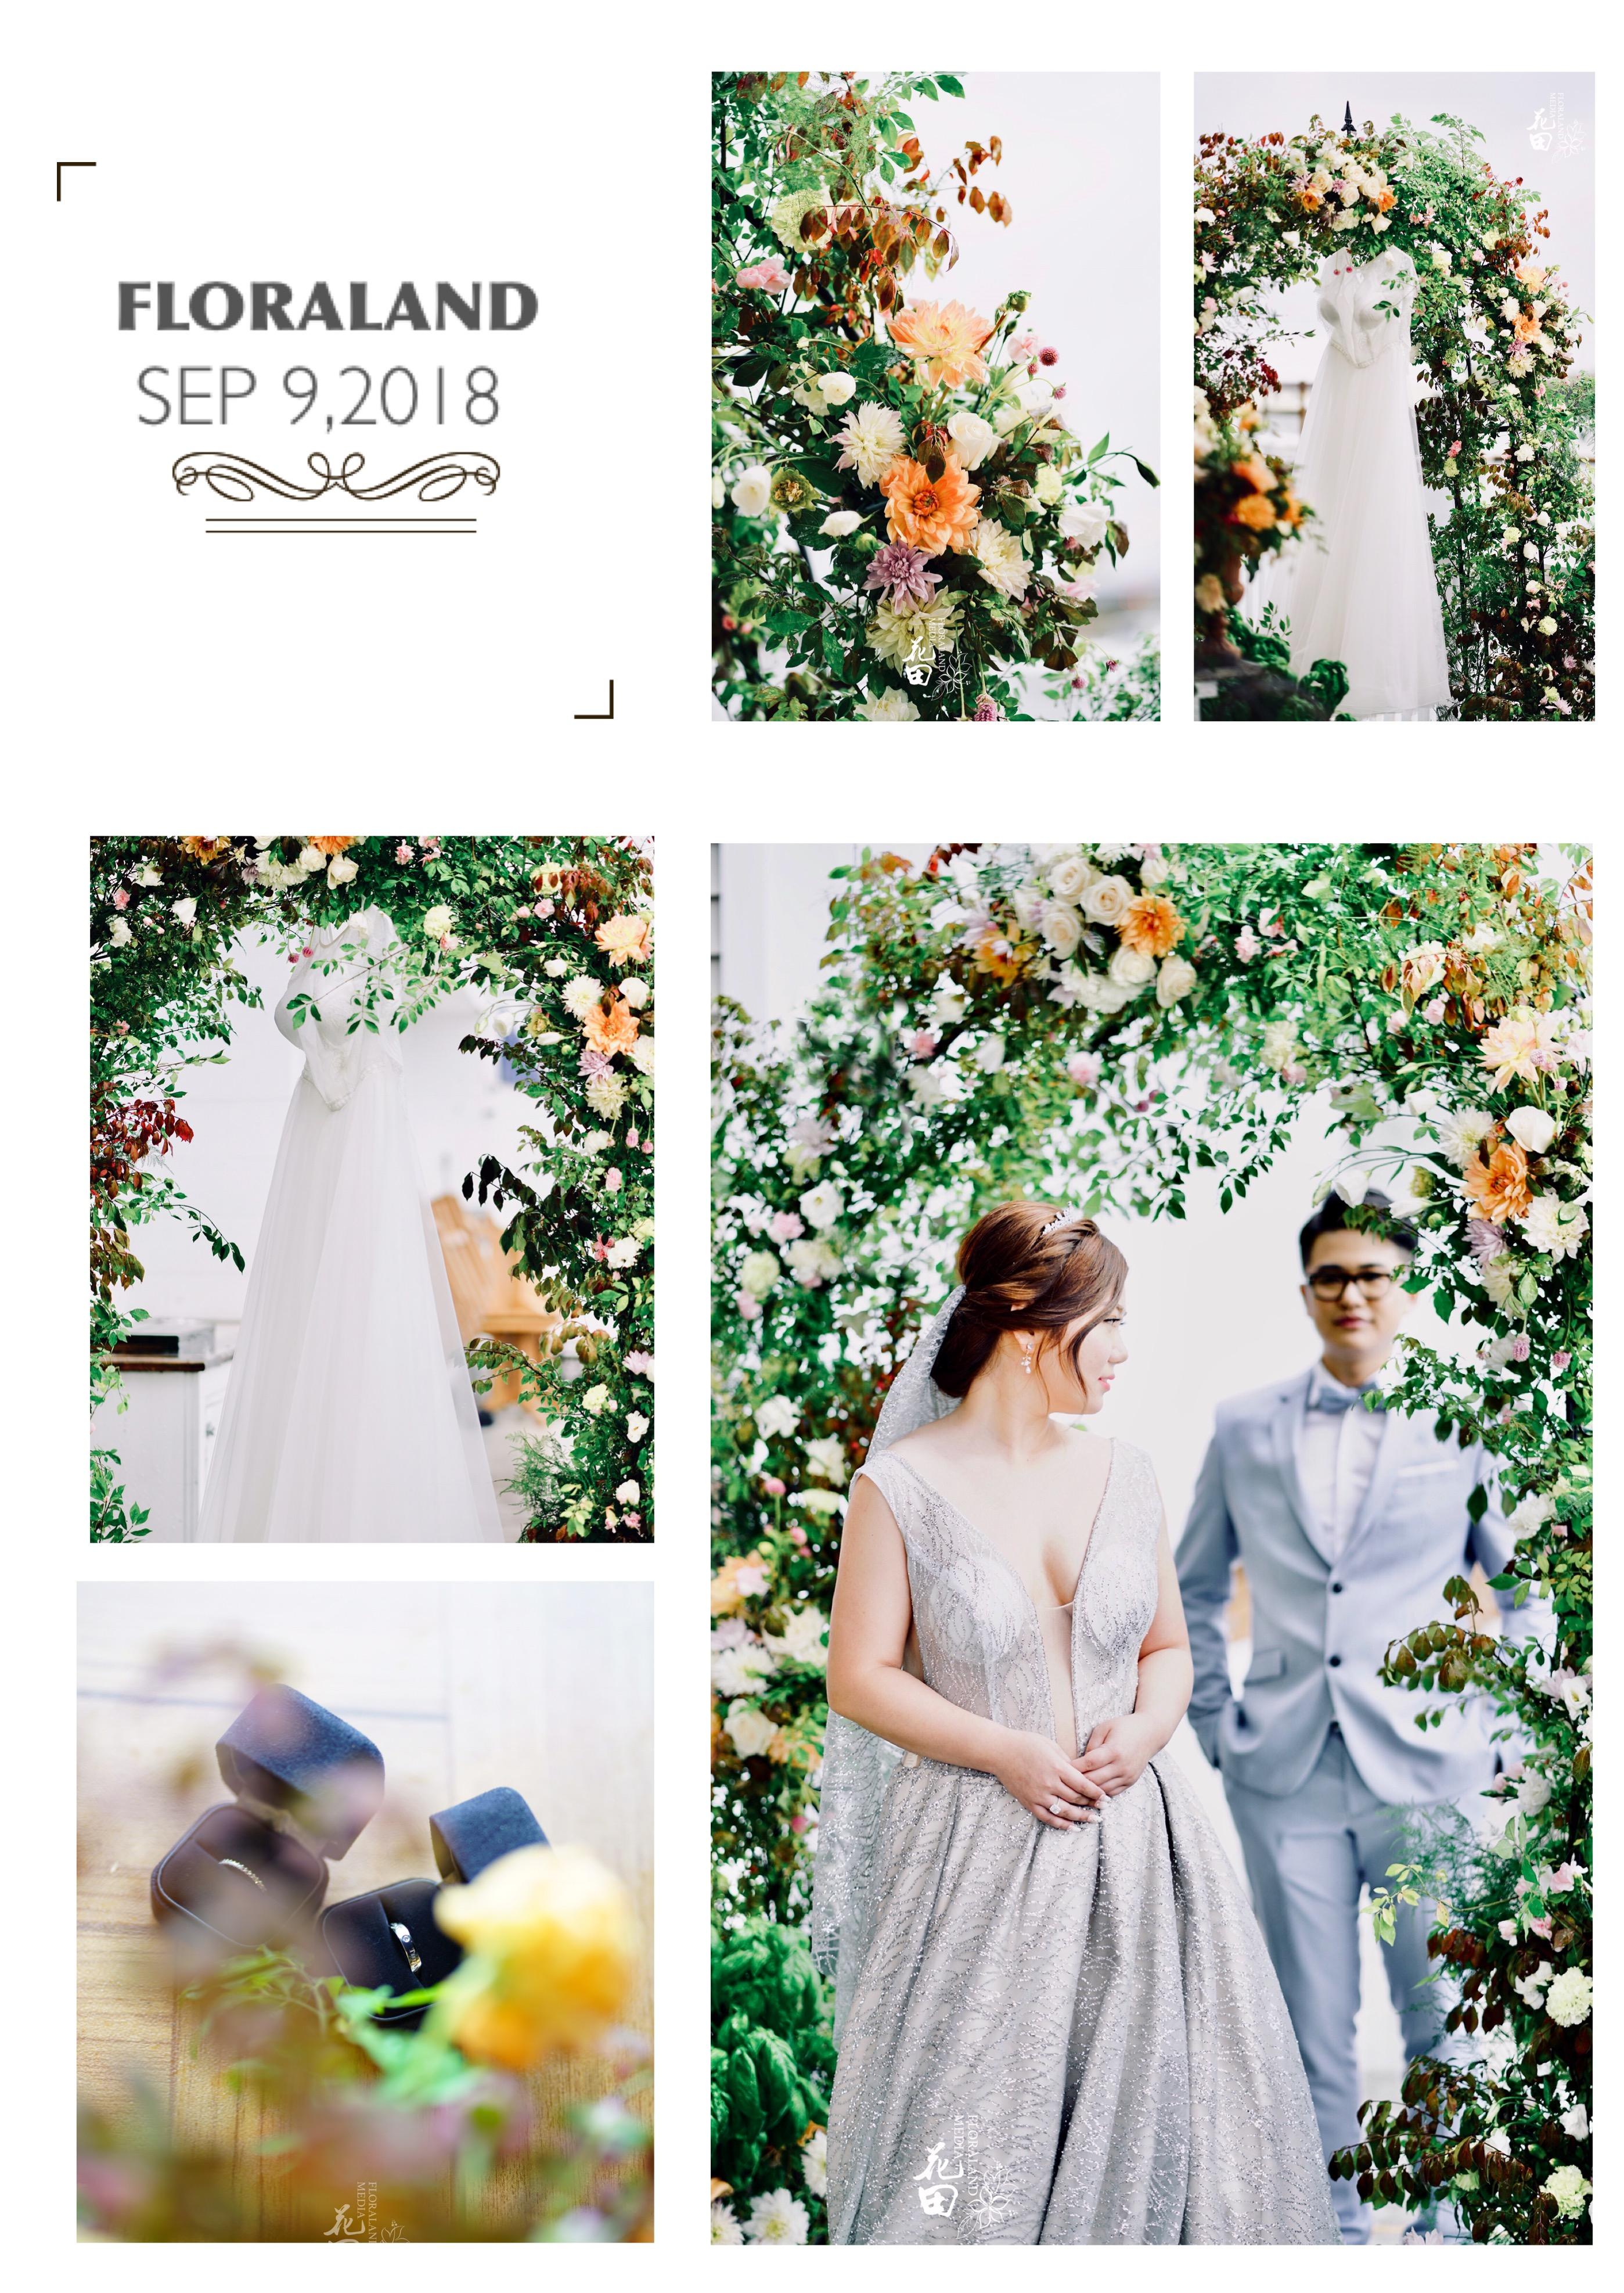 纽约花田婚礼策划